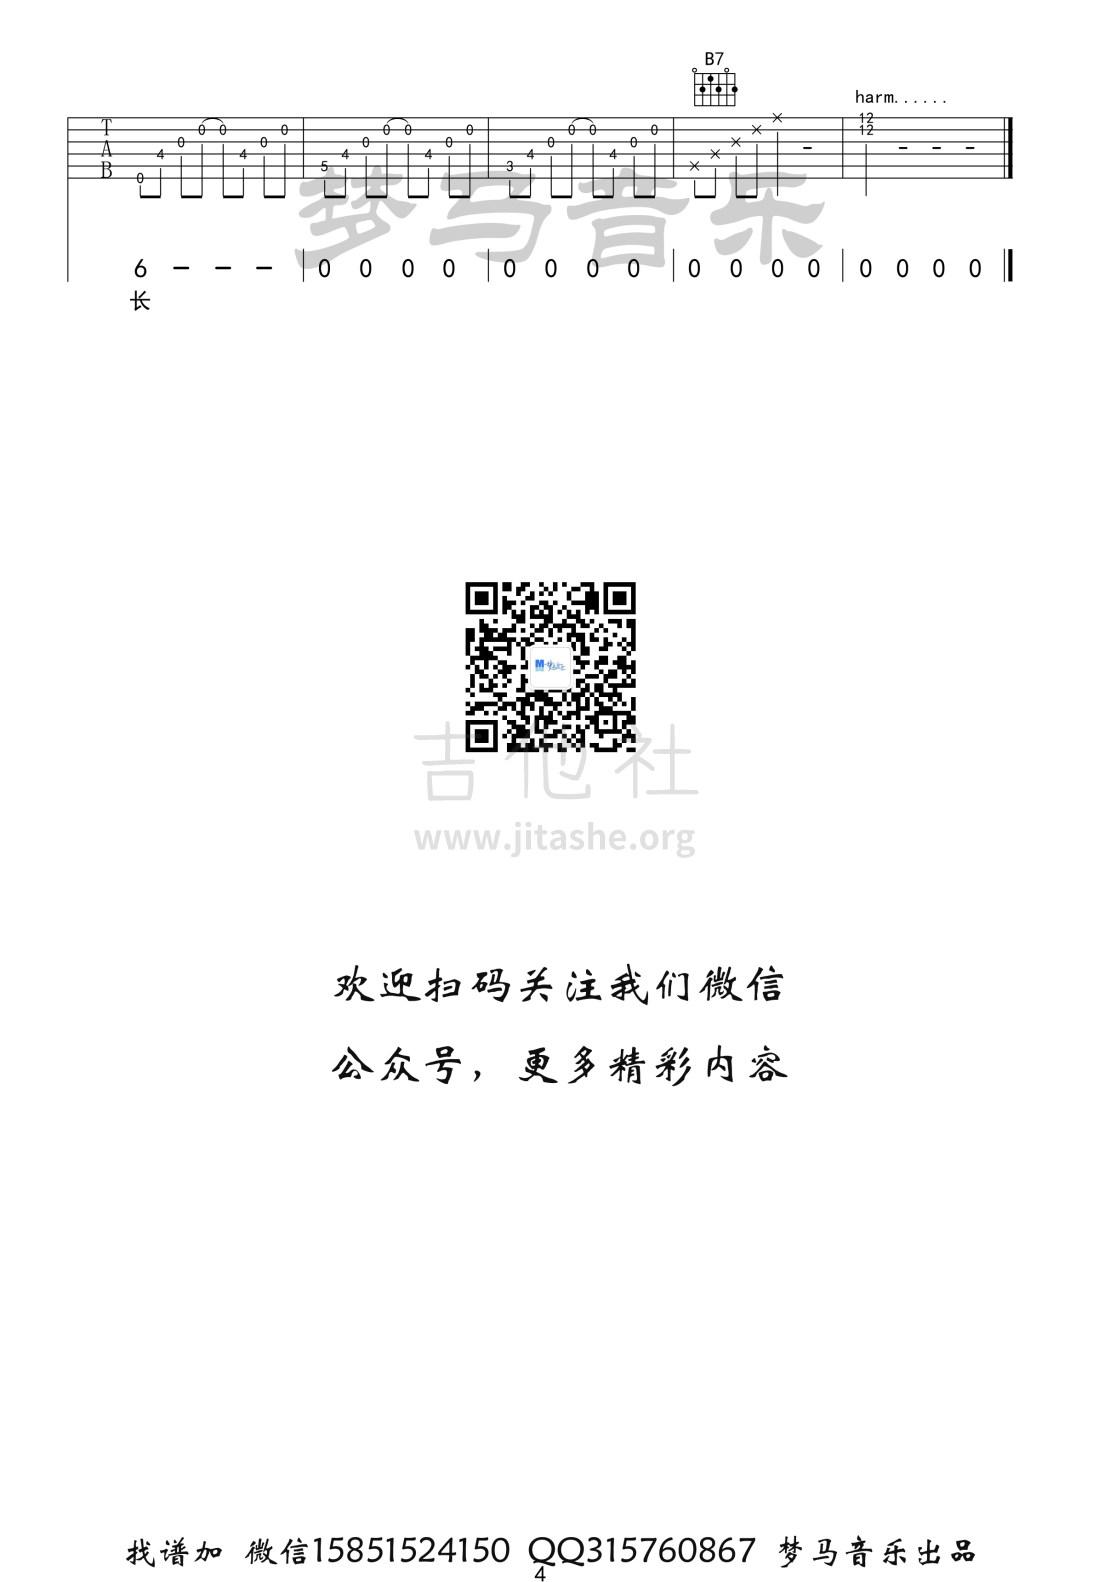 参商吉他谱(图片谱,弹唱)_不才(土豆大王)_参商-4.jpg